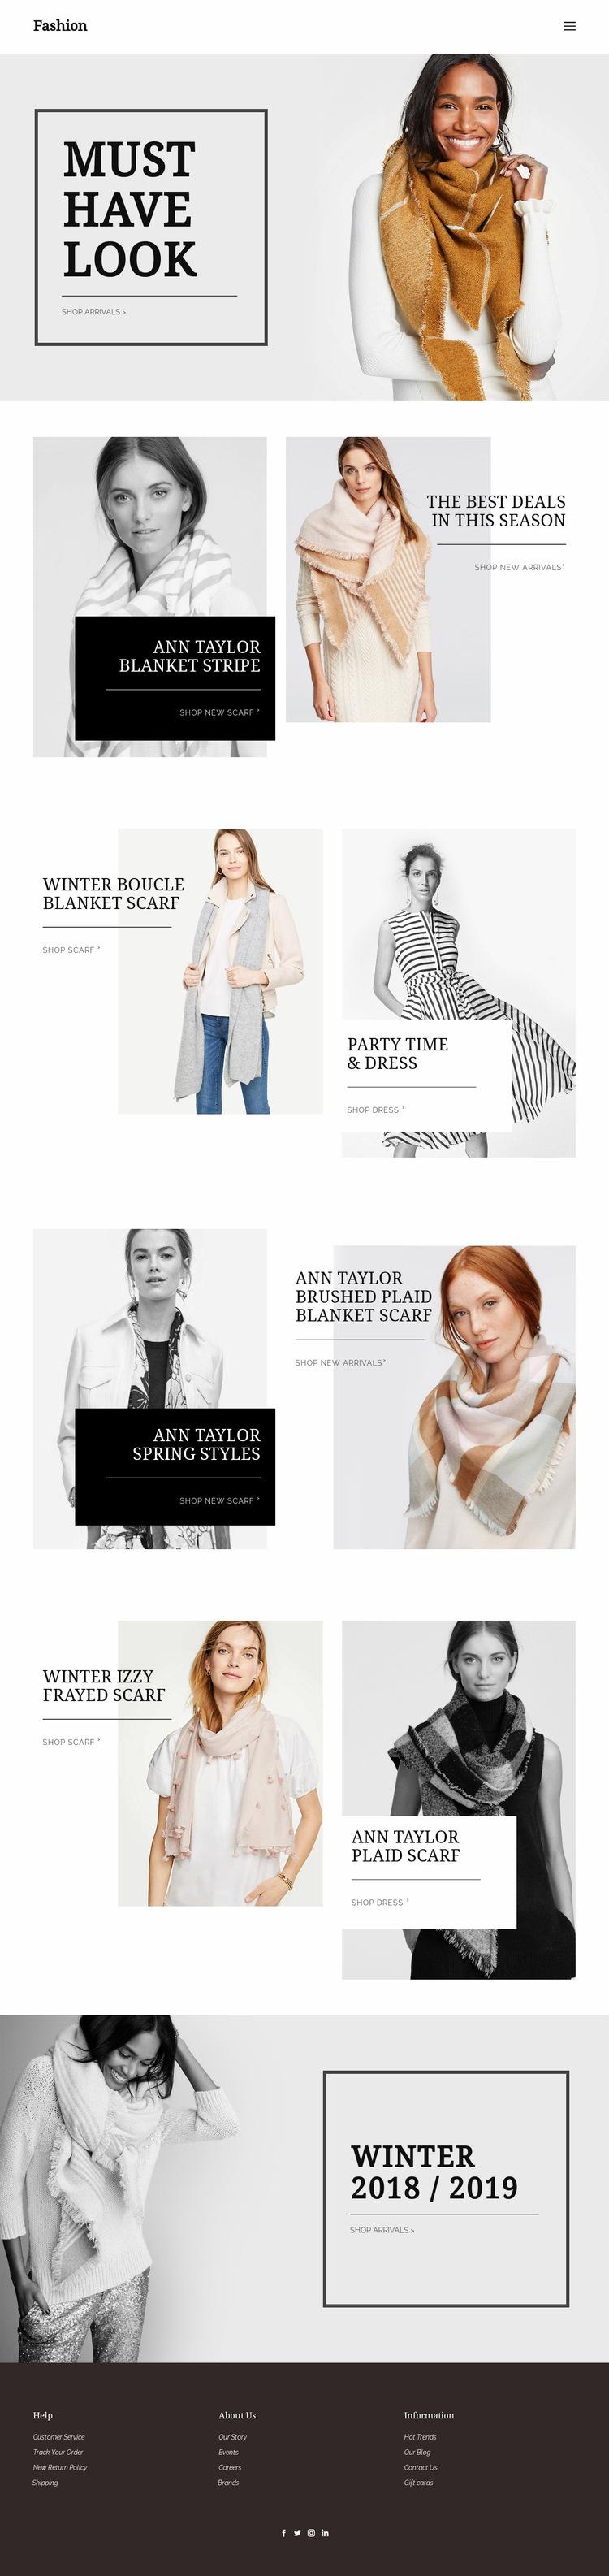 Personal shopper service Web Page Design